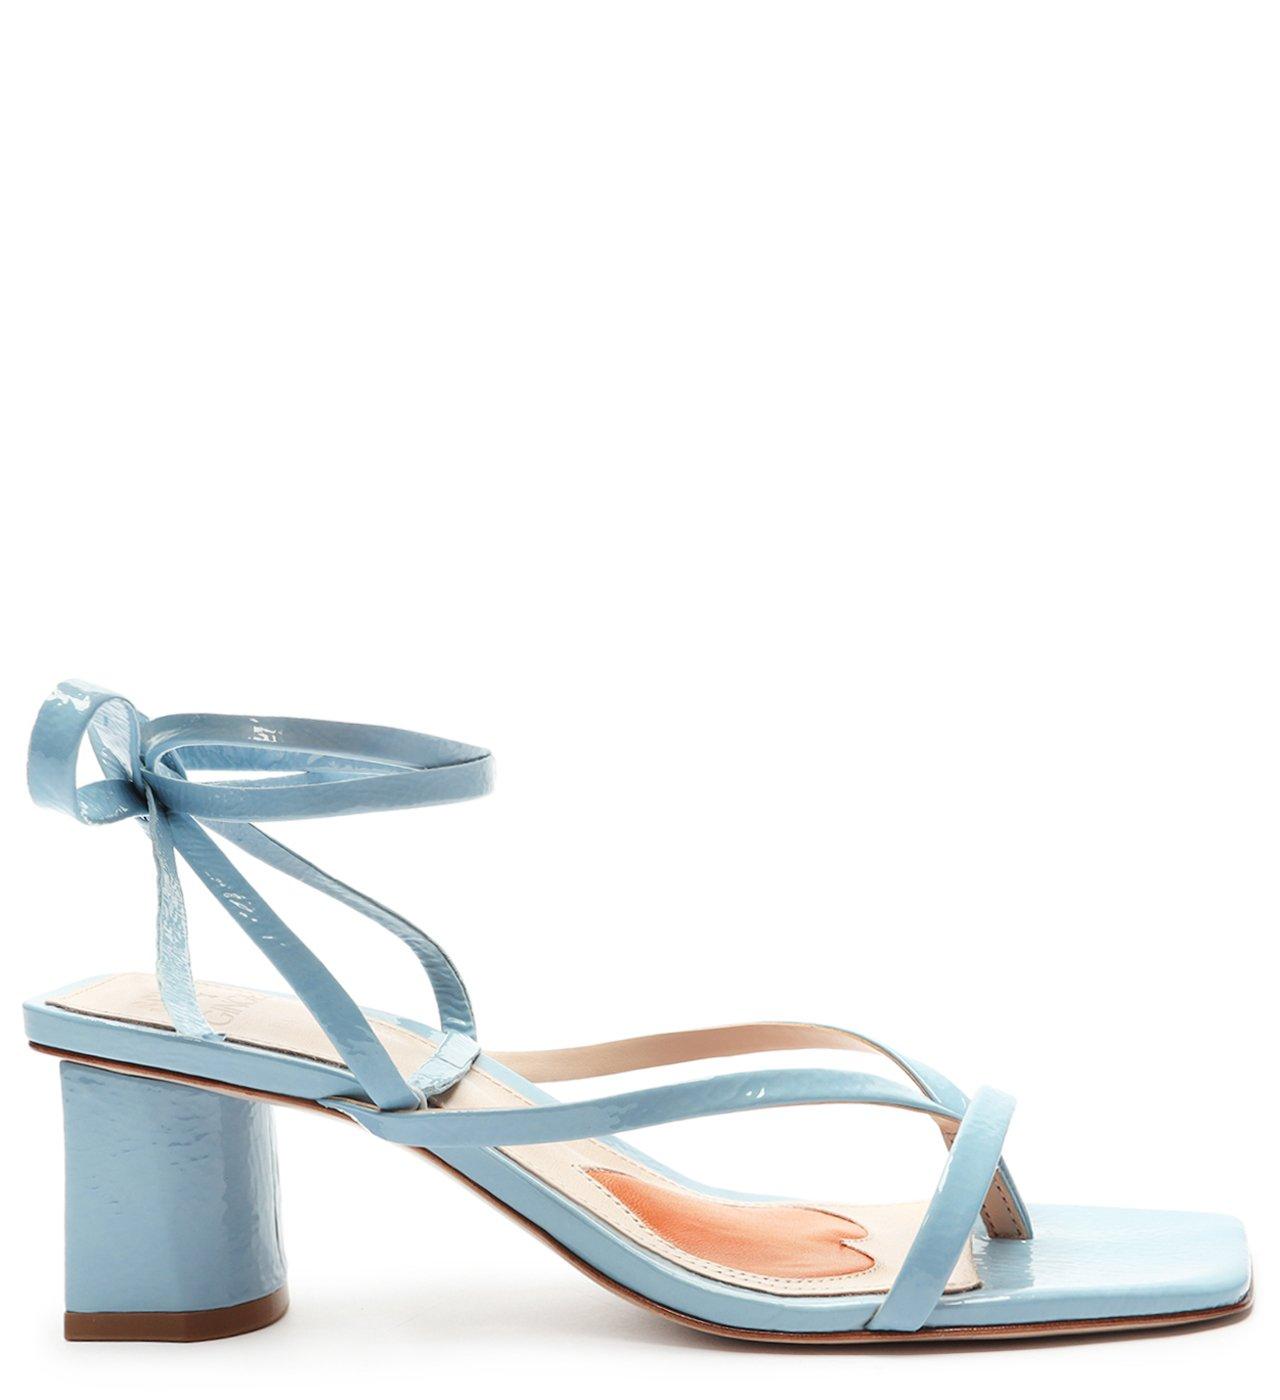 Schutz X Ginger Sandália Block Heel Lace-Up Blue | Schutz